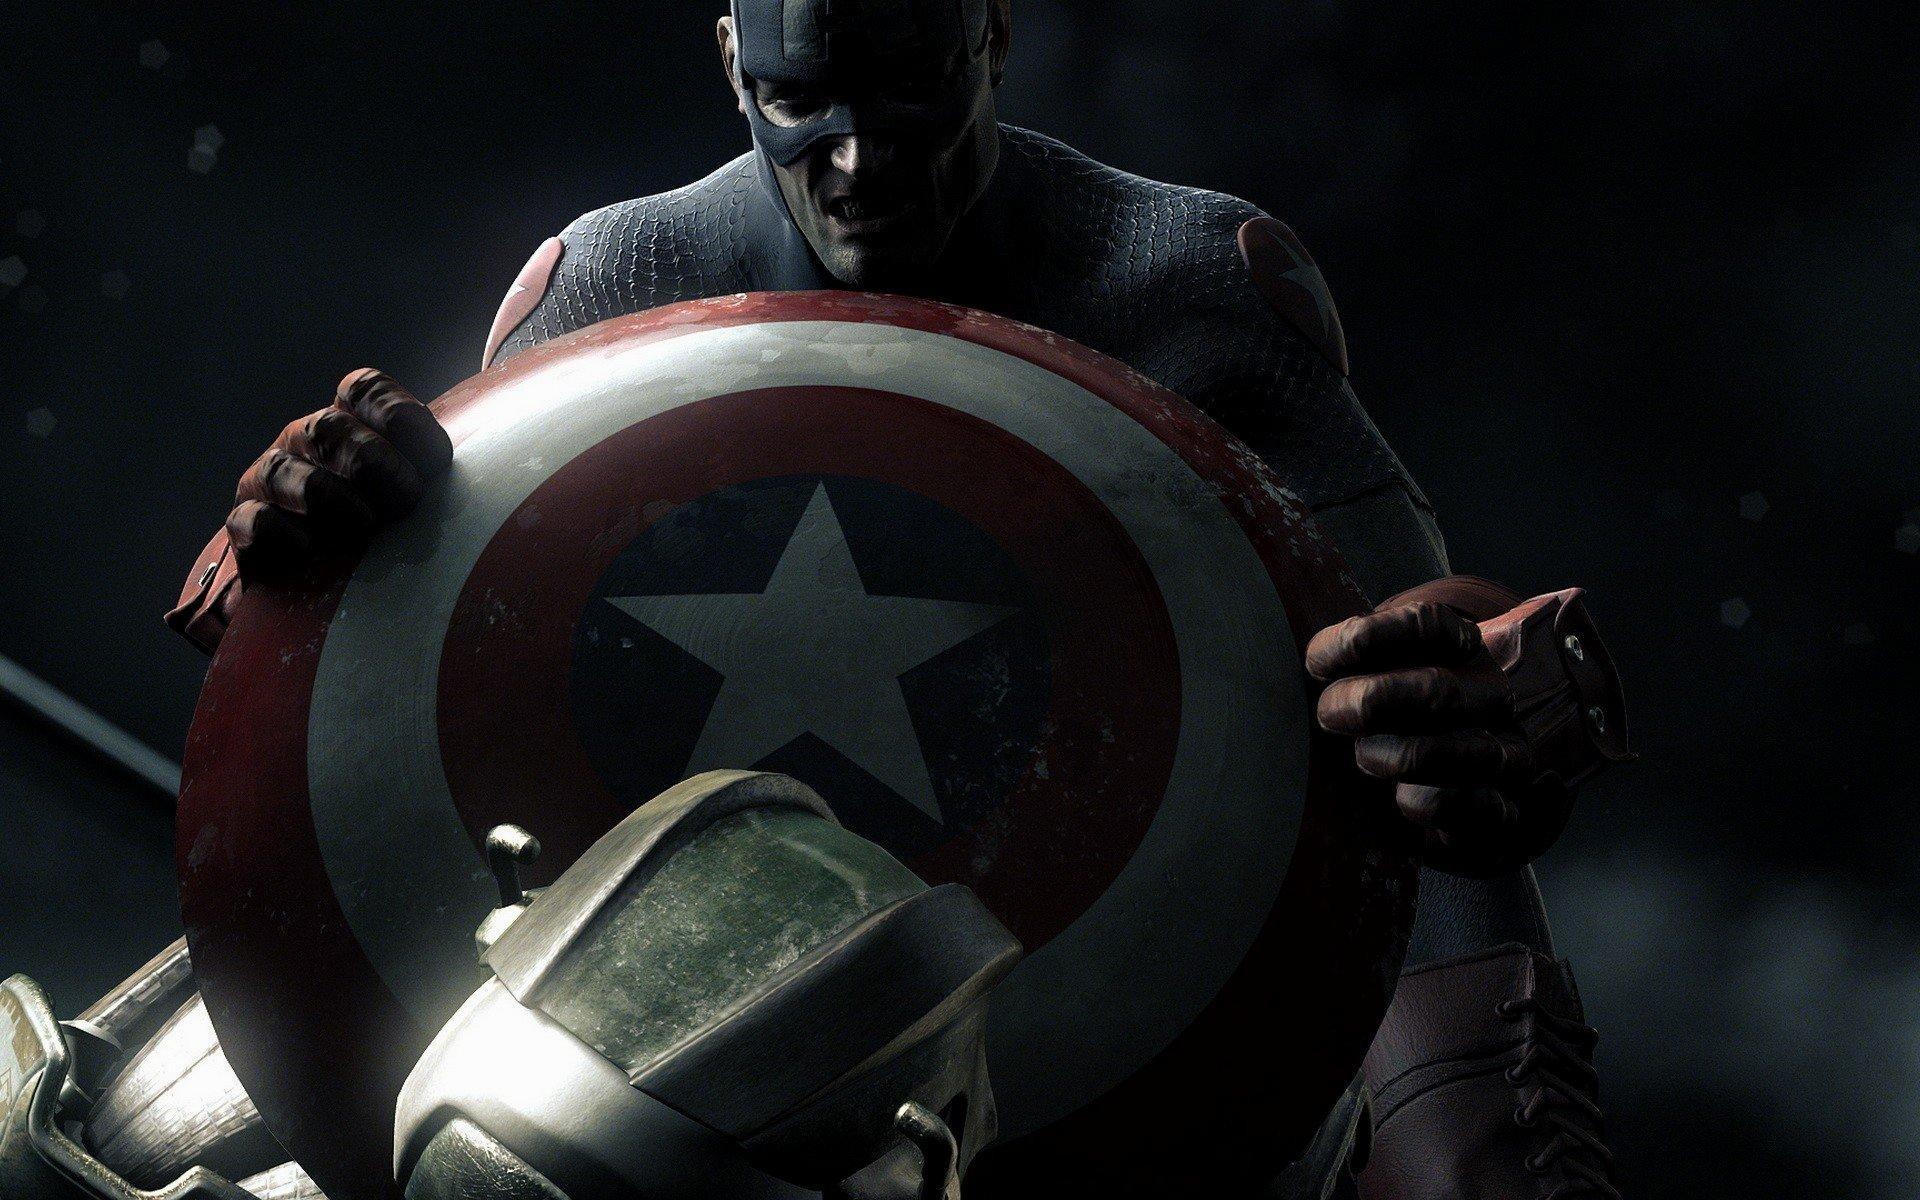 wallpaper.wiki-America-captain-comics-first-avenger-marvel-